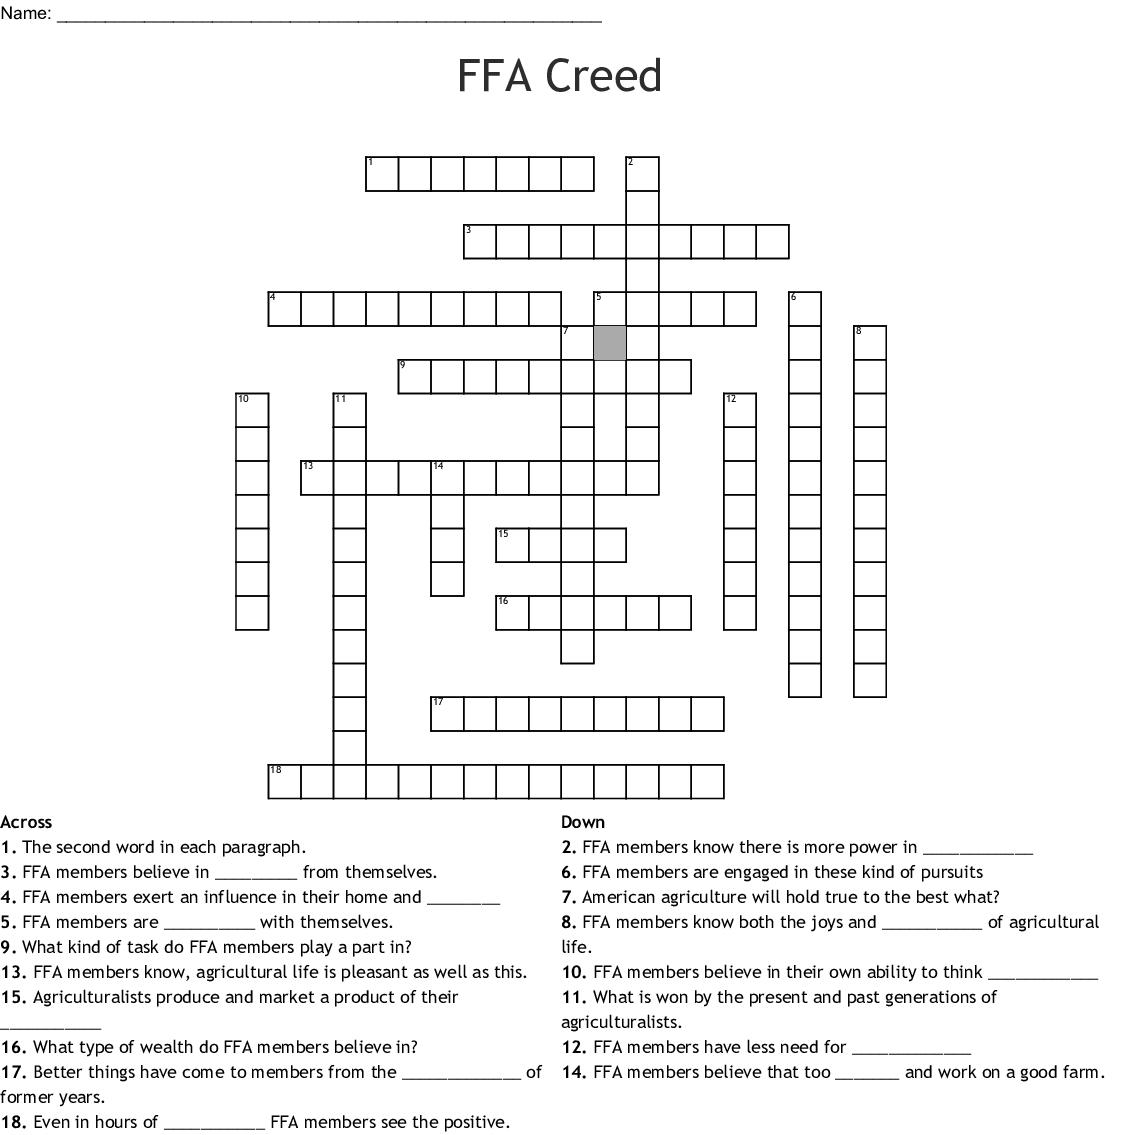 Ffa Creed Word Search